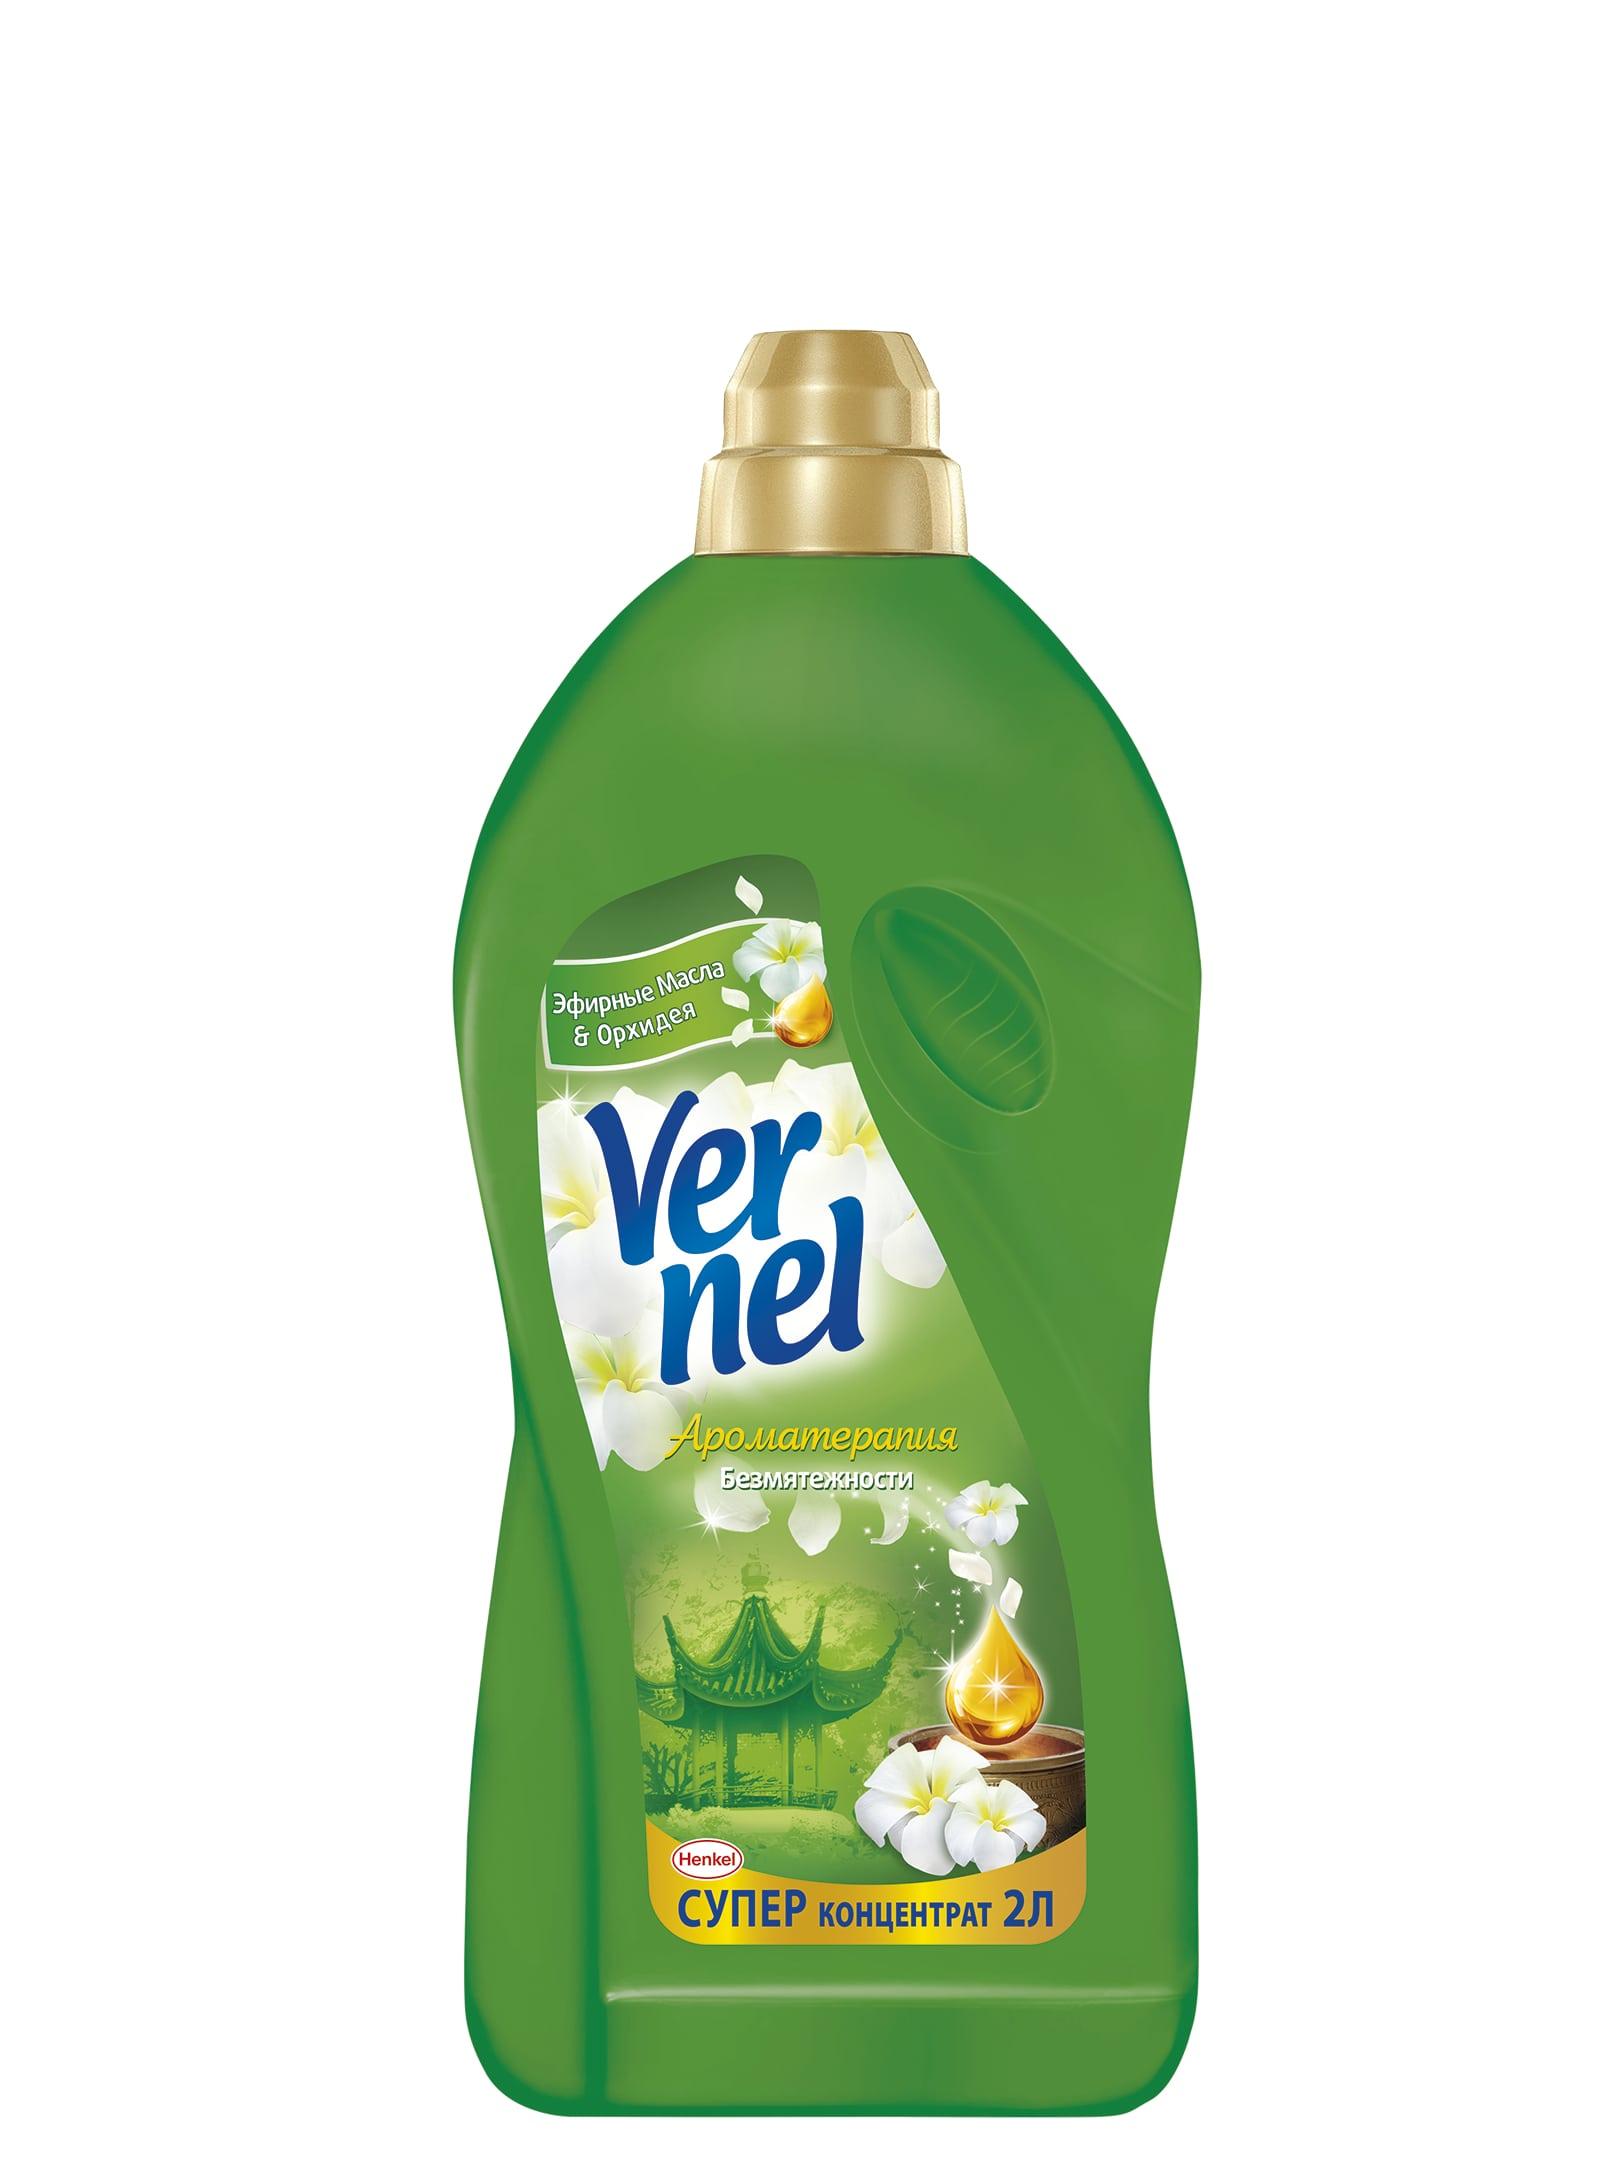 Кондиционер для белья Vernel Ароматерапия Безмятежности 2лGC013/00С новой Классической линейкой Vernel свежесть белья длится до 8 недель. Новая формула Vernel обогащена аромакапсулами, которые обеспечивают длительную свежесть. Более того, кондиционеры для белья Vernel придают белью невероятную мягкость, такую же приятную, как и ее запах.Свойства кондиционера для белья Vernel:1. Придает мягкость2. Придает приятный аромат3. Обладает антистатическим эффектом4. Облегчает глажениеДо 8 недель свежести при условии хранения белья без использования благодаря аромакапсуламСостав: Состав: 5-15% катионные ПАВ;Товар сертифицирован.